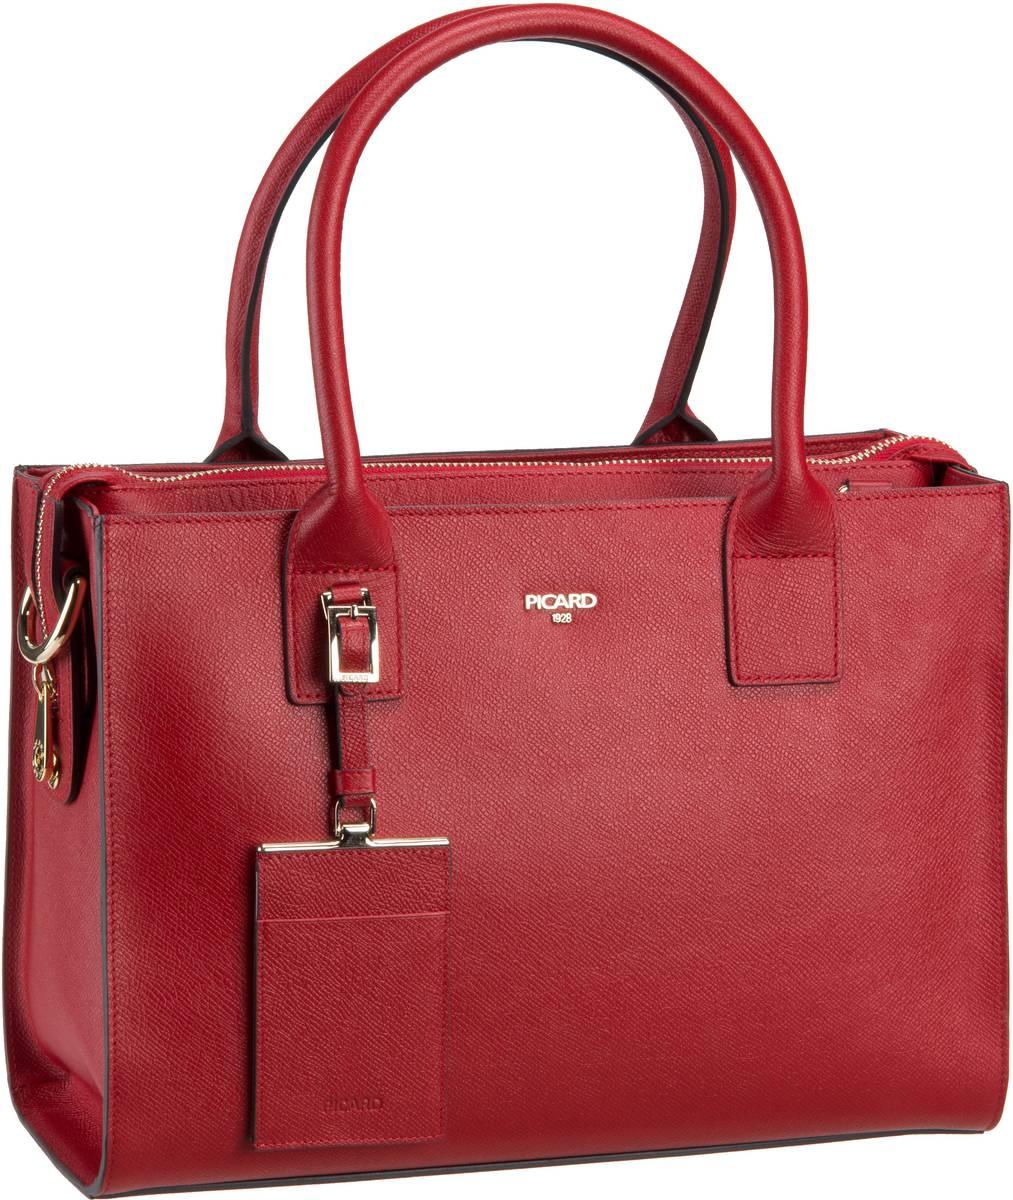 Handtasche Miranda 8744 Rot